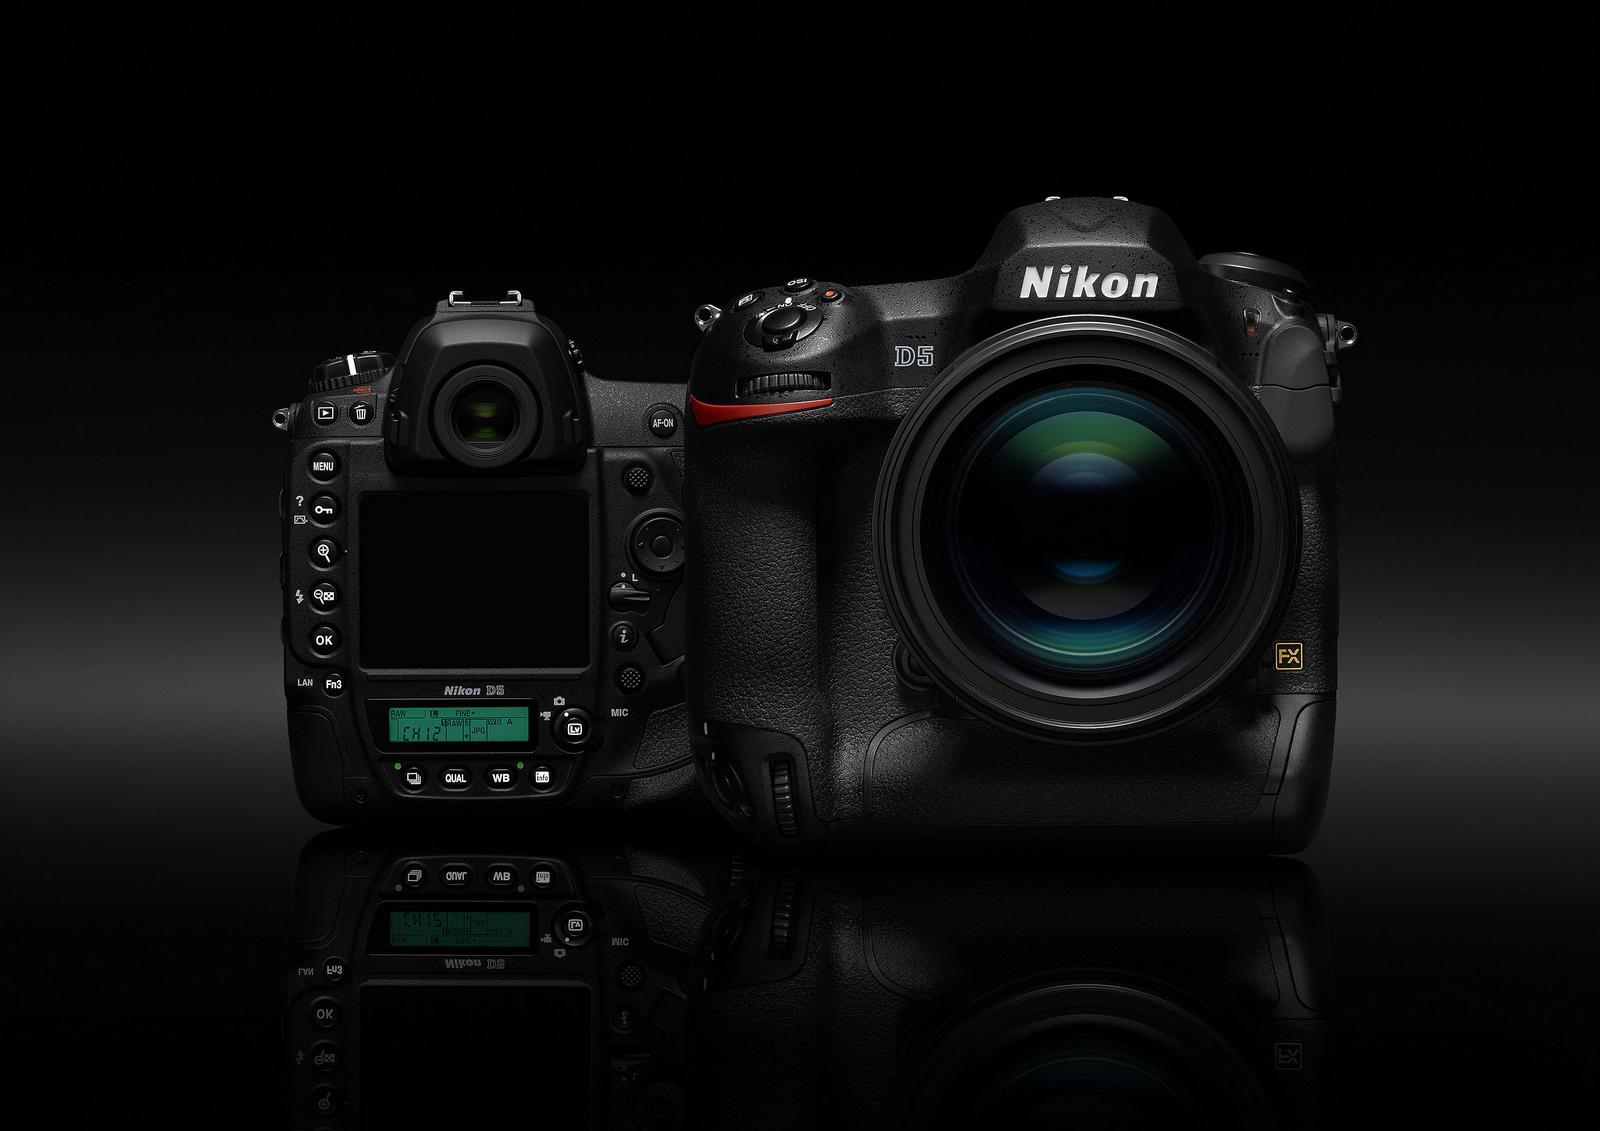 nikon-d5-ile-cekilen-ornek-fotograflar